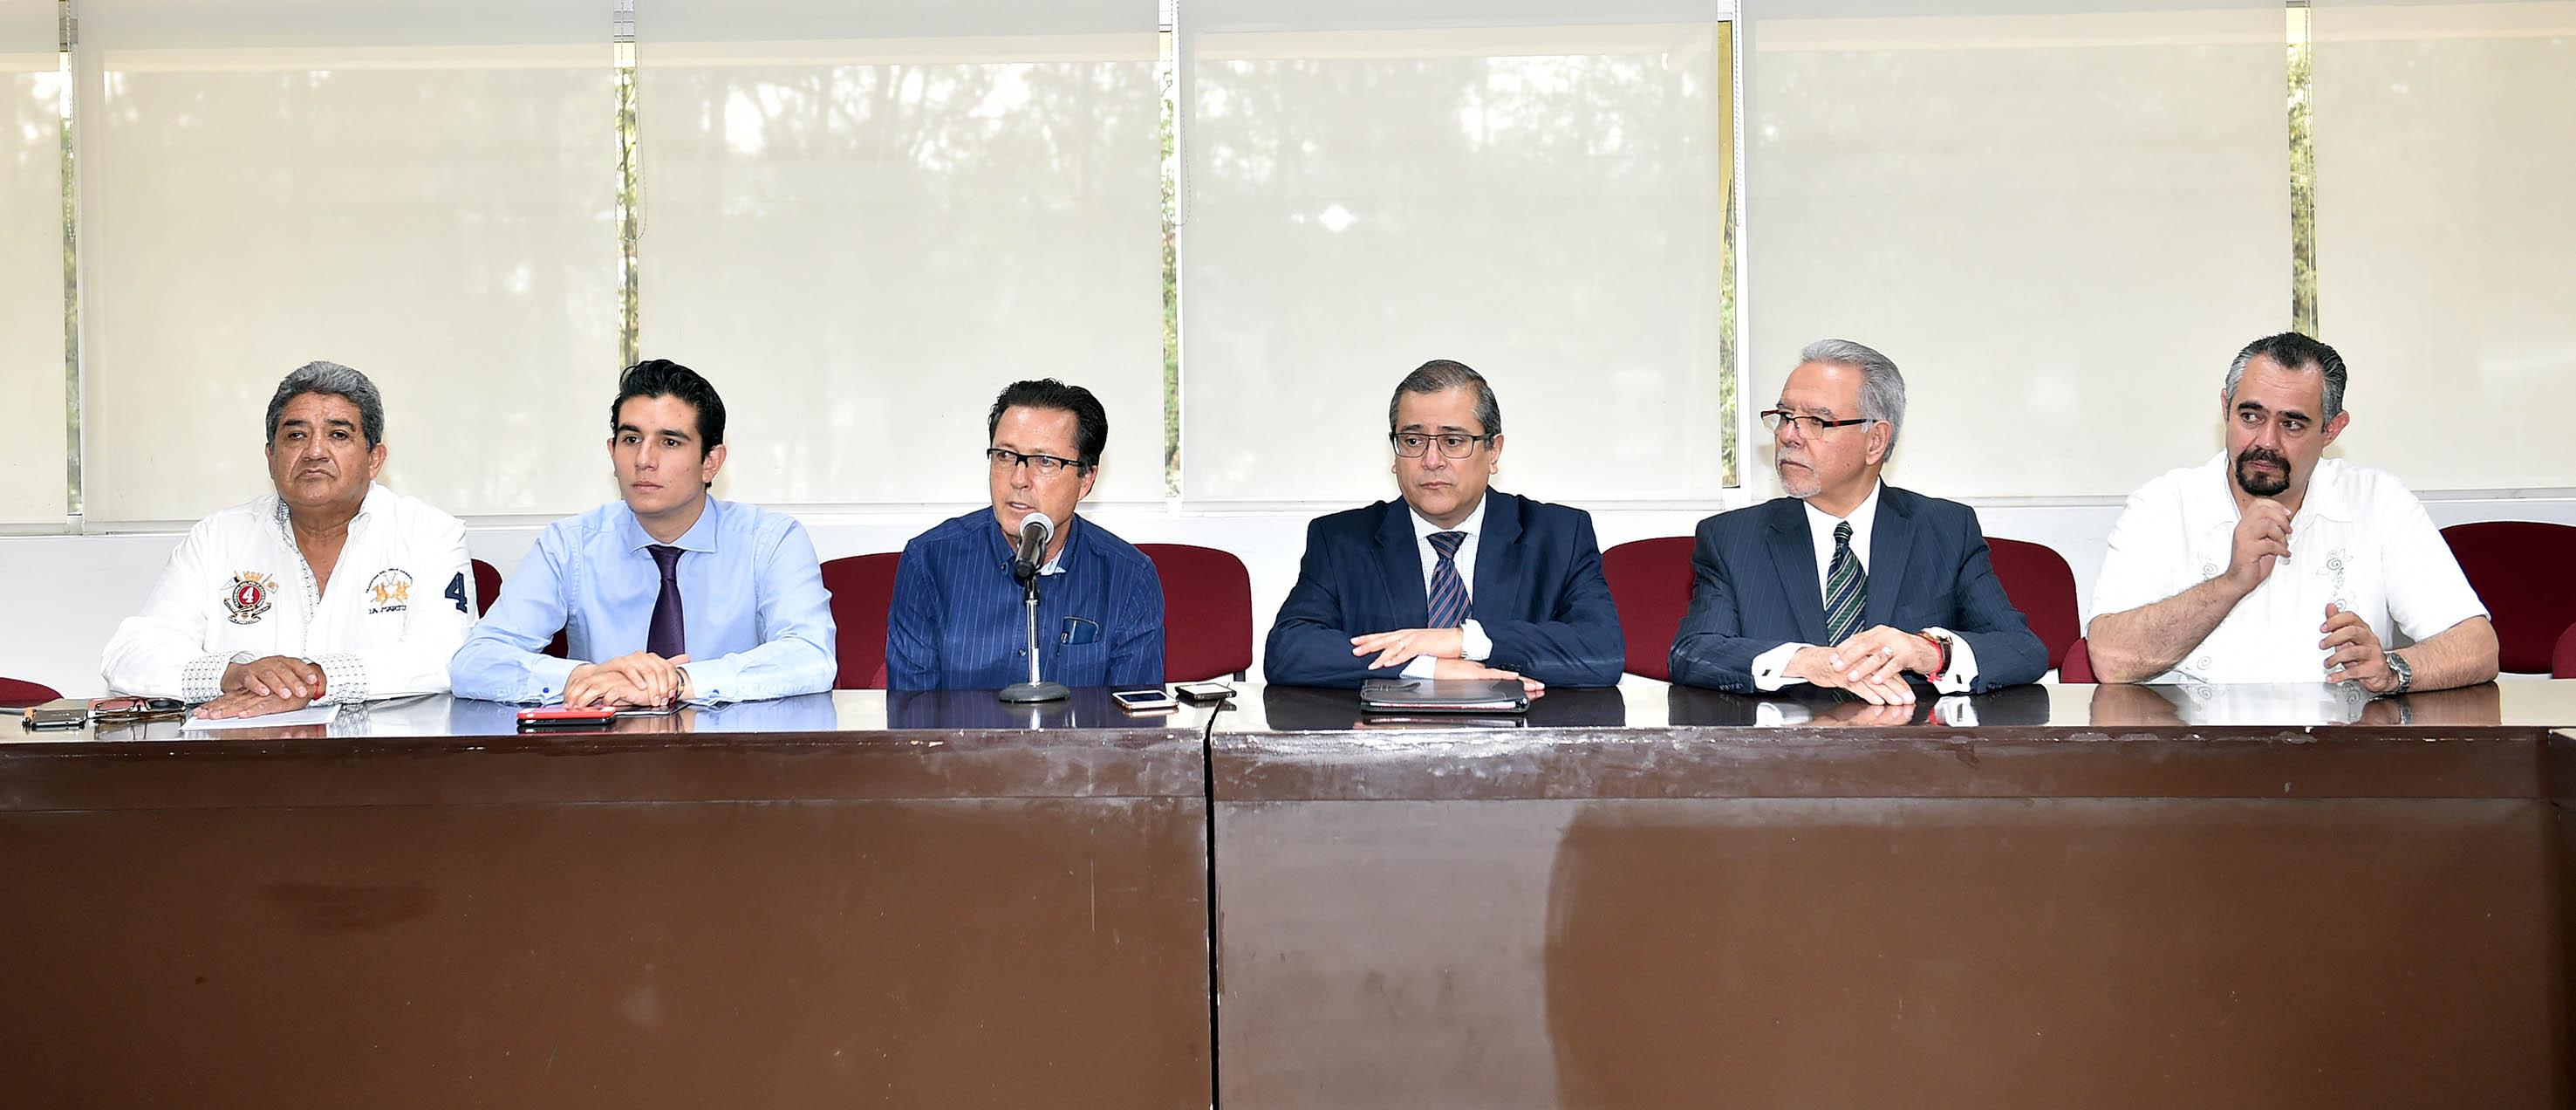 GOBIERNO DEL ESTADO CONTINÚA CON POSTURA CONCILIATORIA Y DE DIÁLOGO ANTE ALUMNAS DE CAÑADA HONDA